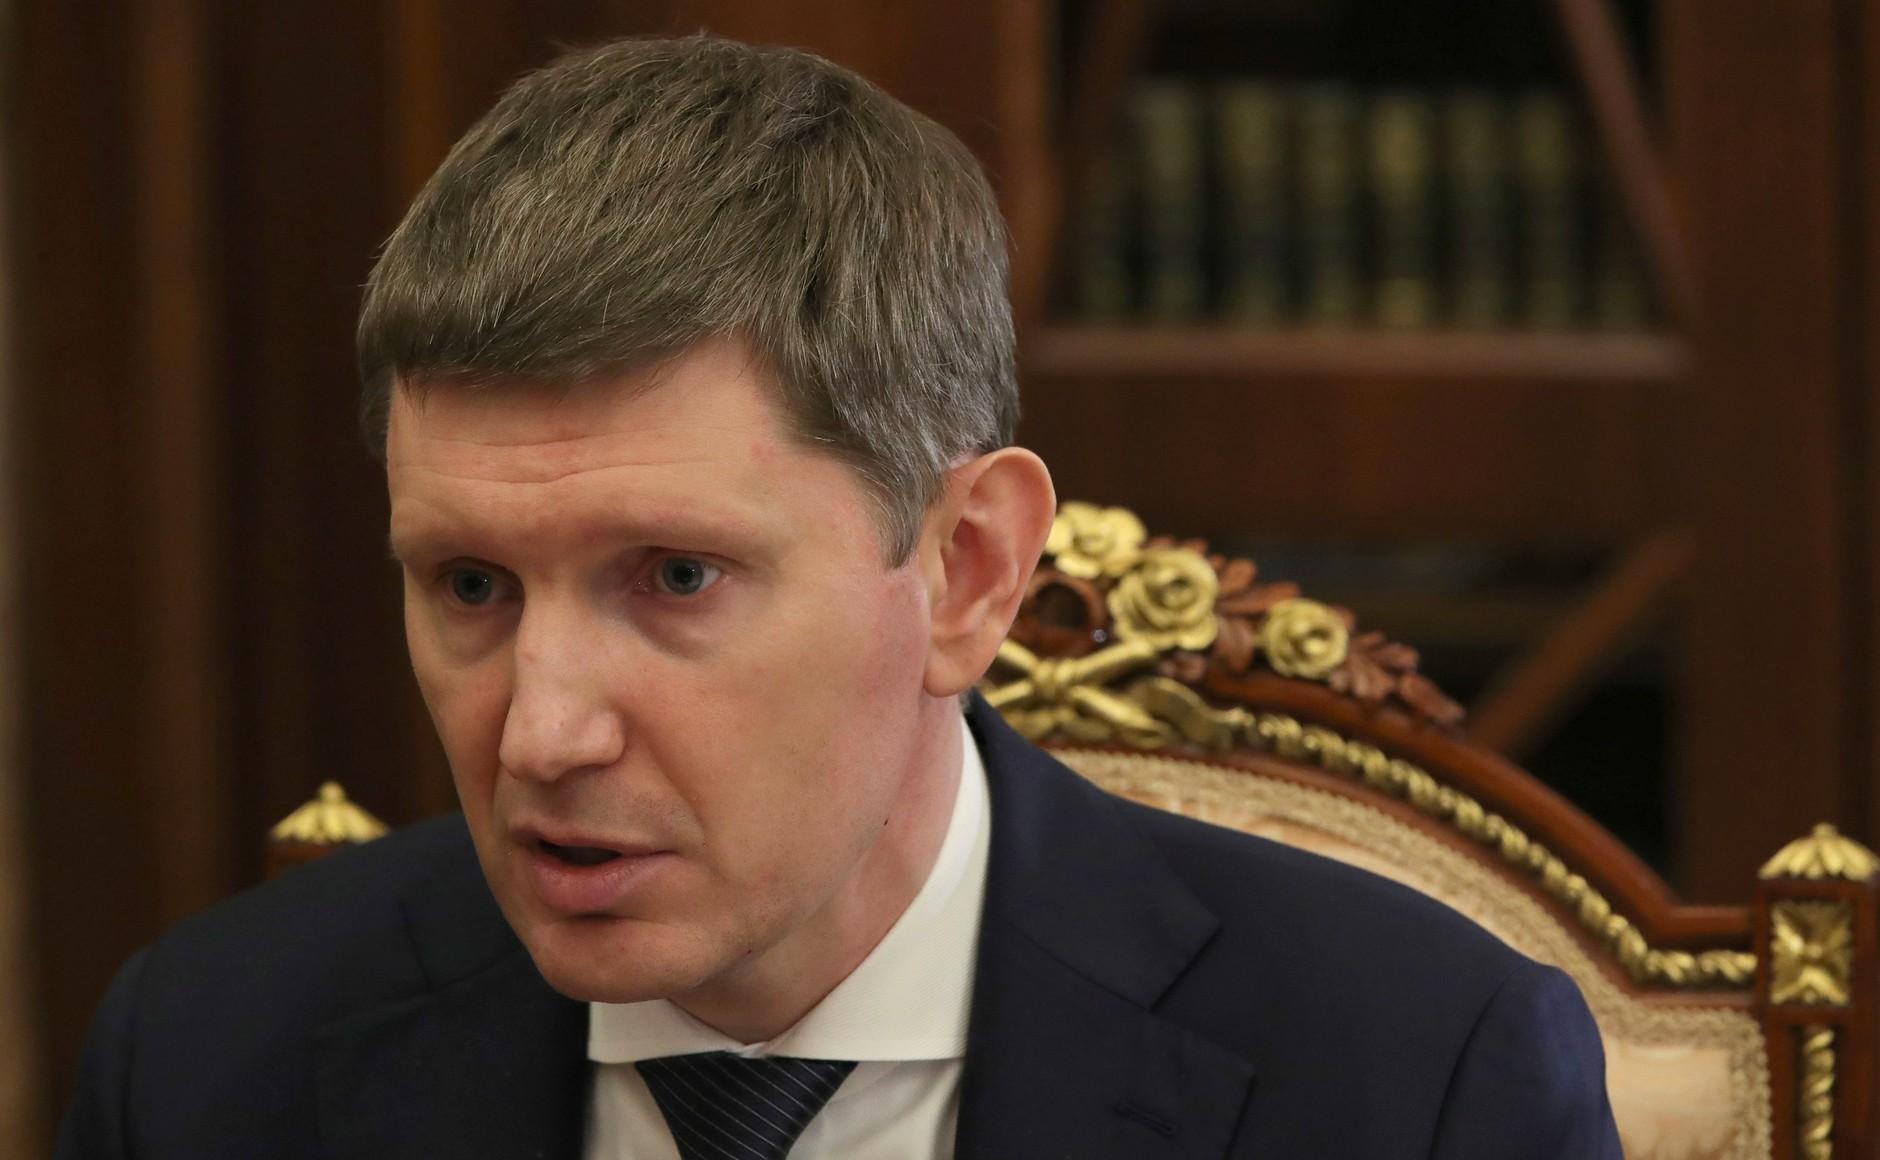 RU 0402 PH 4 KK 4 Développement économique Maxim Reshetnikov 4 février 2021